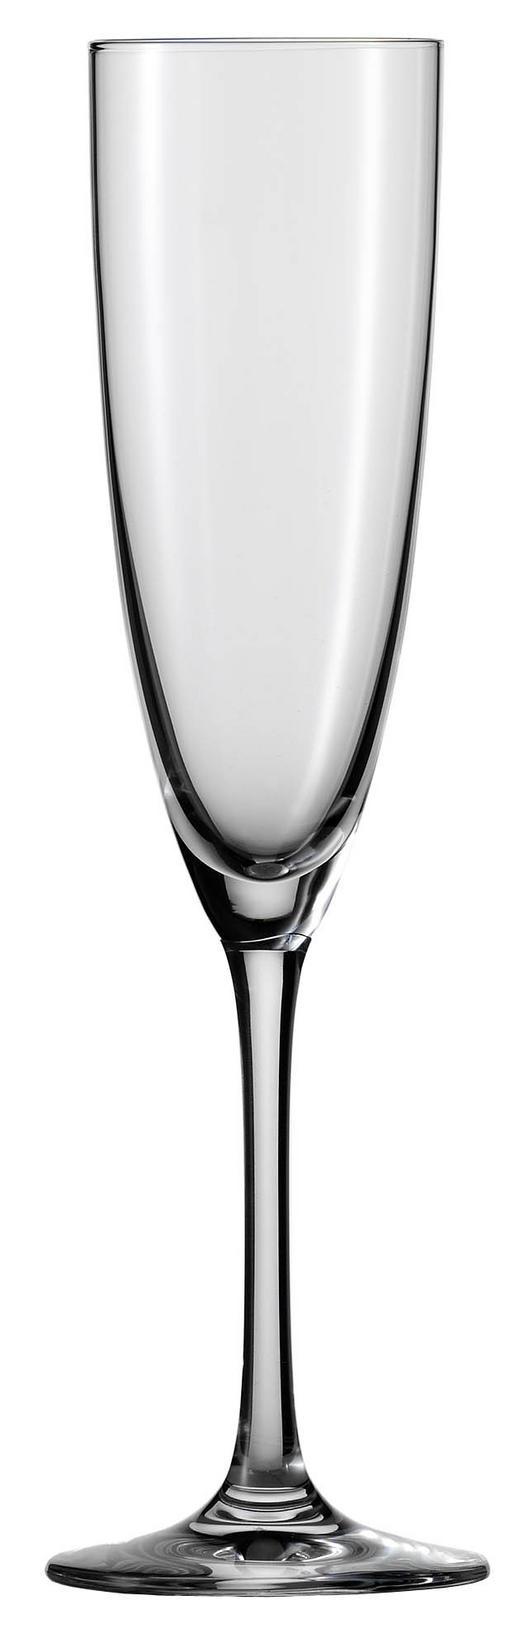 CHAMPAGNEGLAS - klar, Basics, glas (0,210l) - SCHOTT ZWIESEL